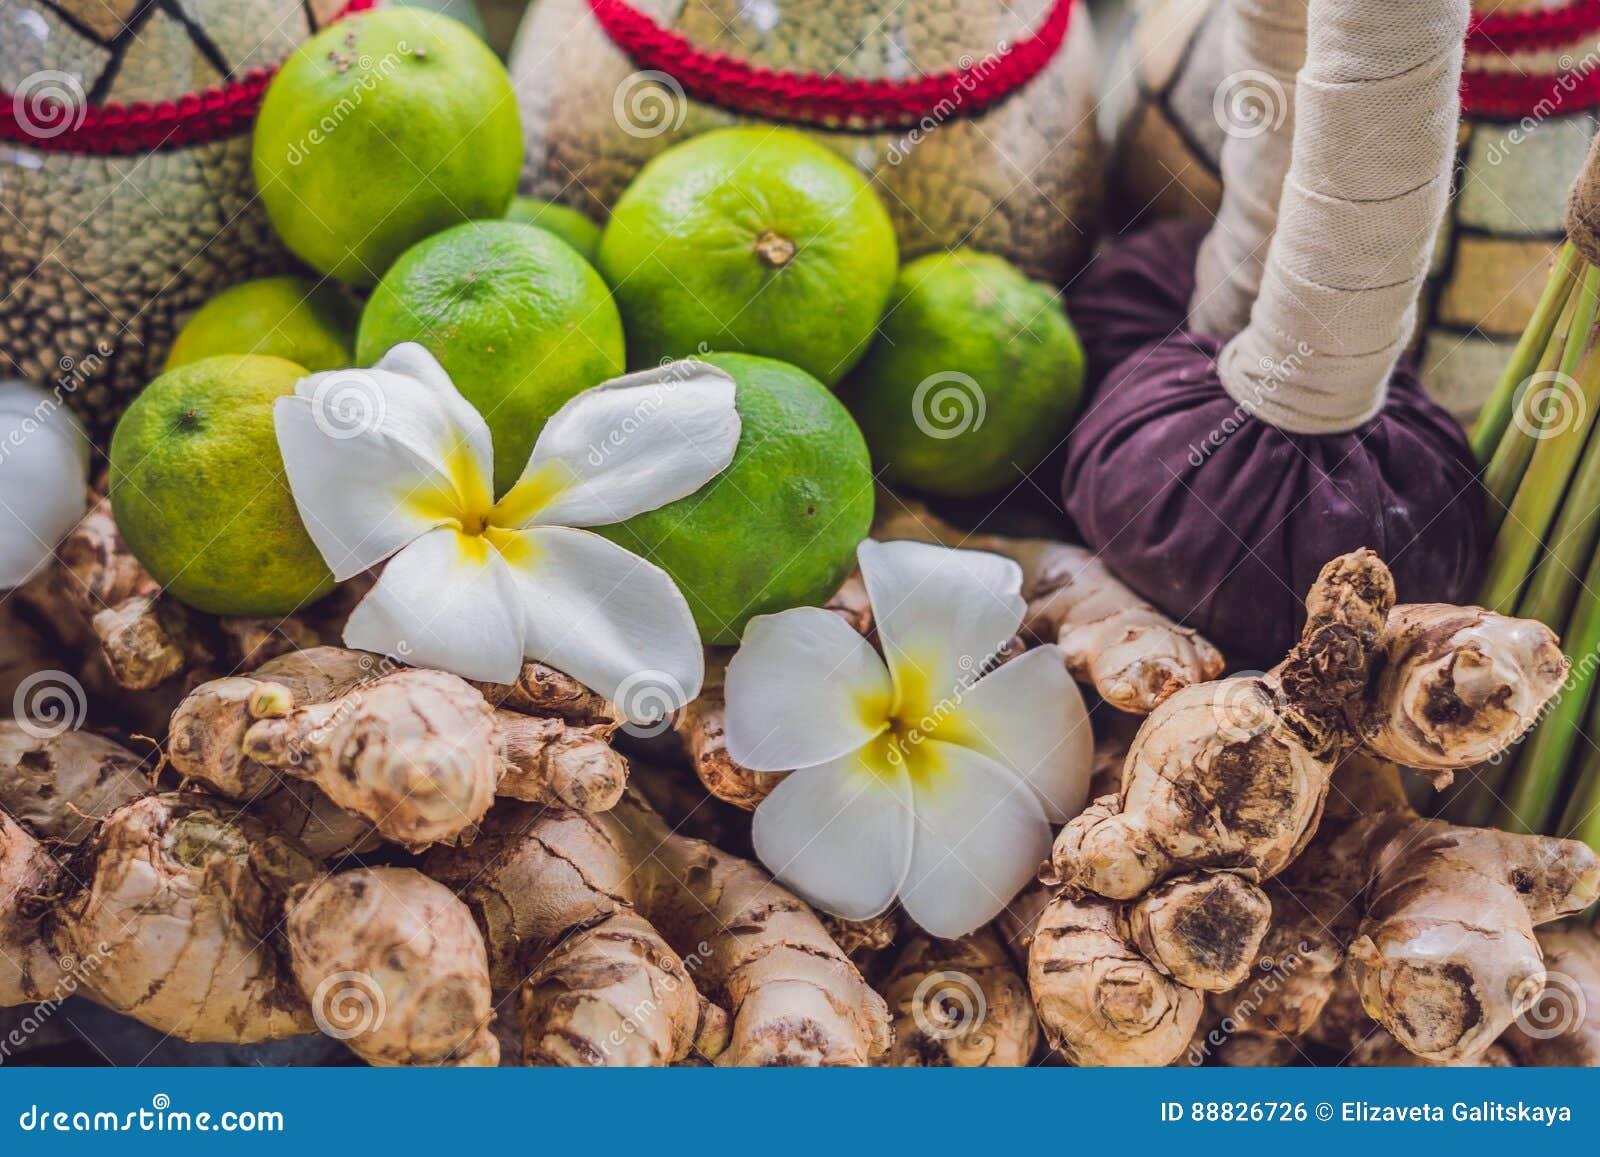 Termas, grupo do cuidado da charneca de óleos essenciais, sabão, gengibre, raizes de cúrcuma e especiarias em uma bandeja de made